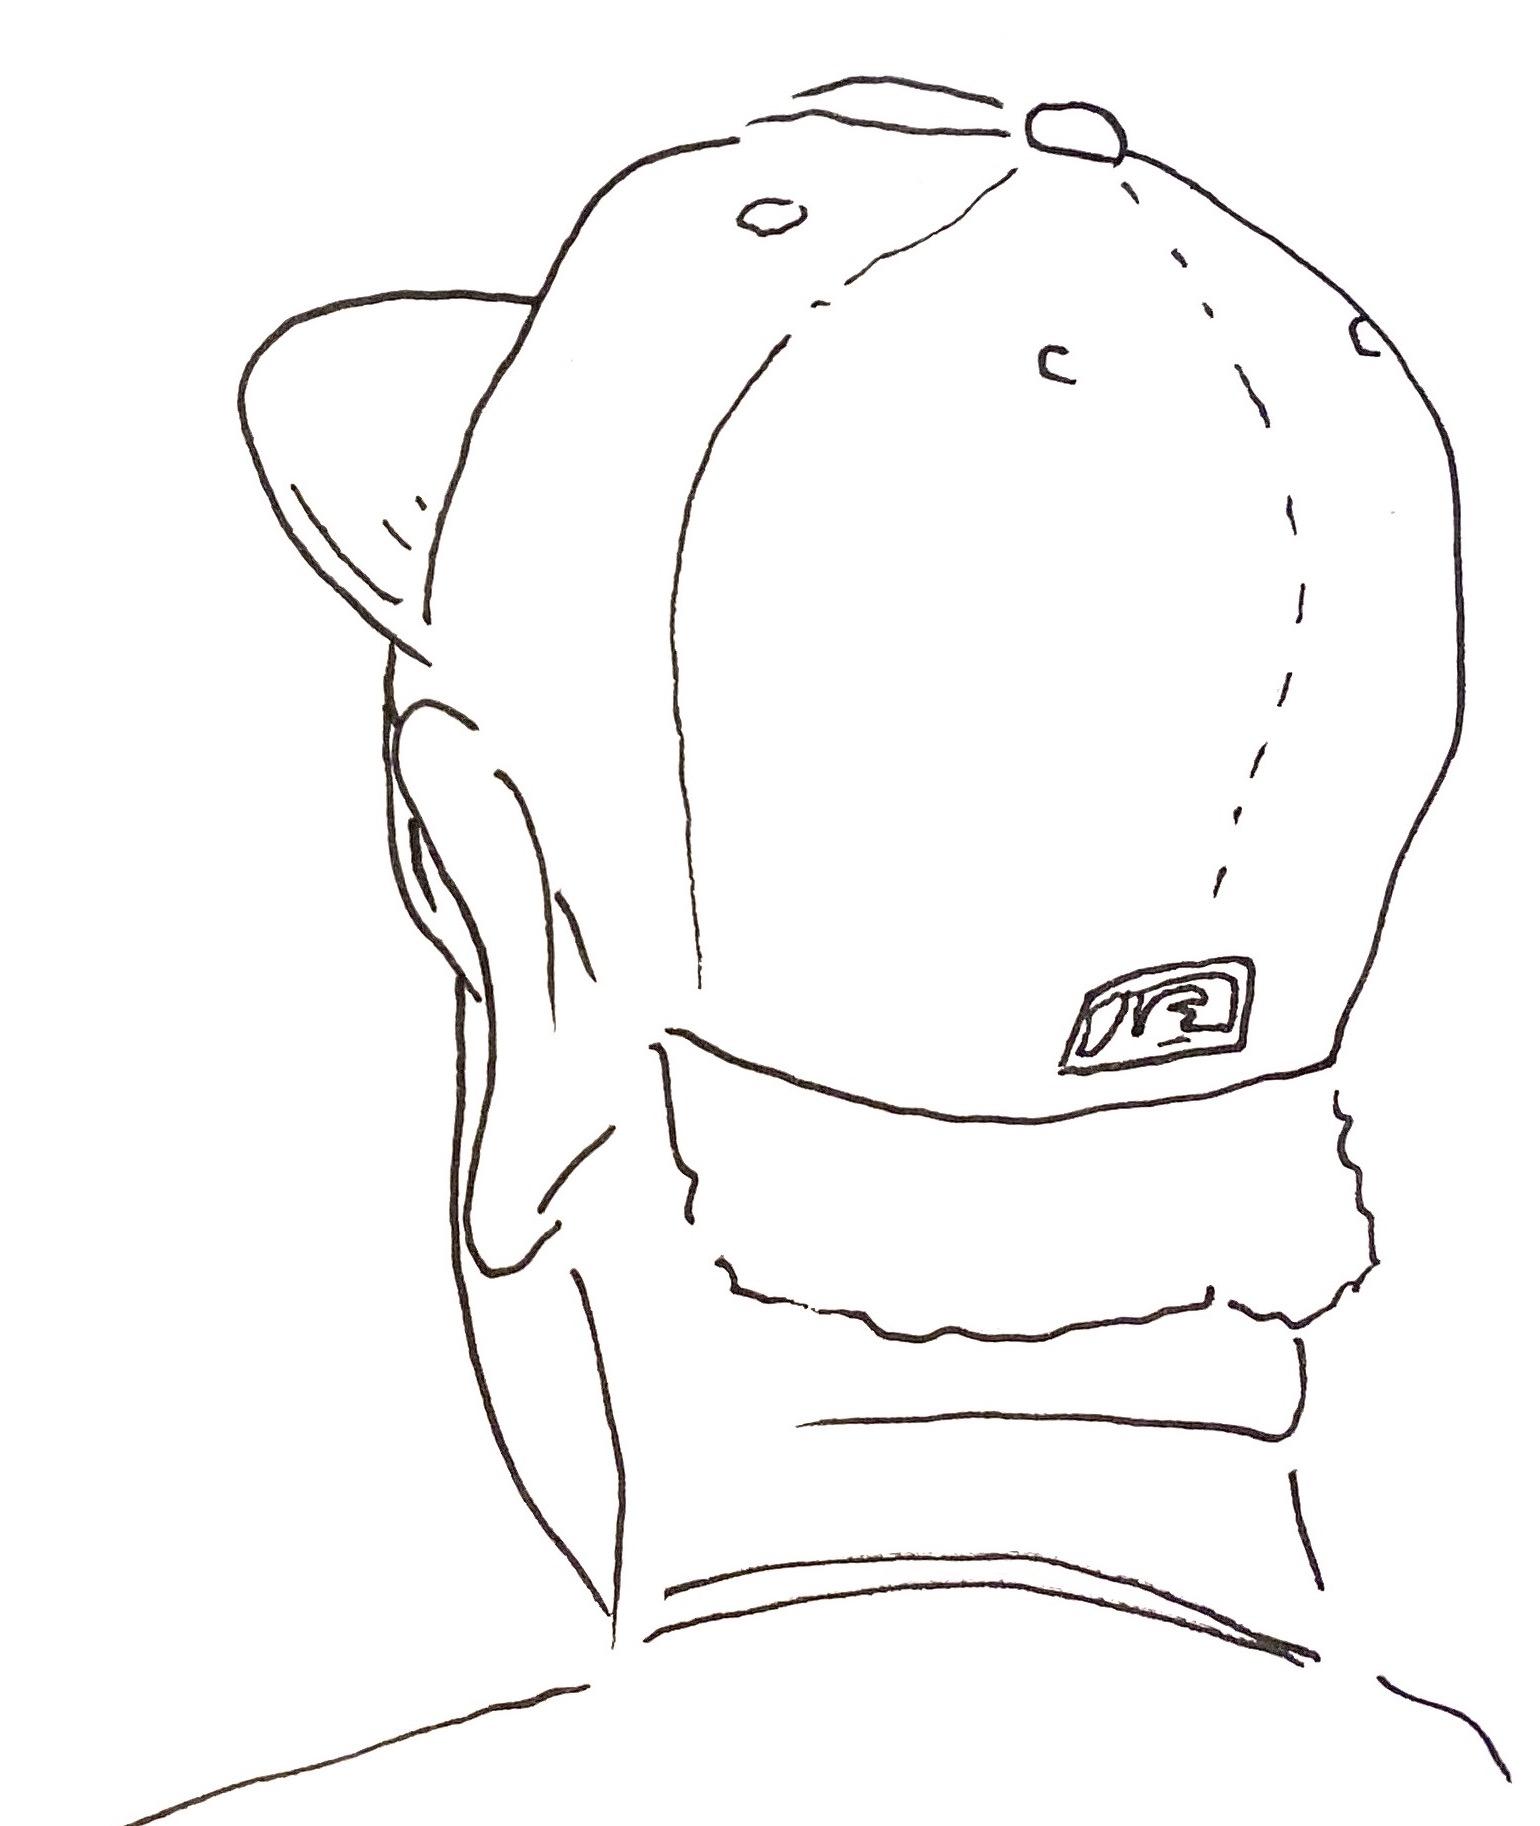 Figure CU - face left